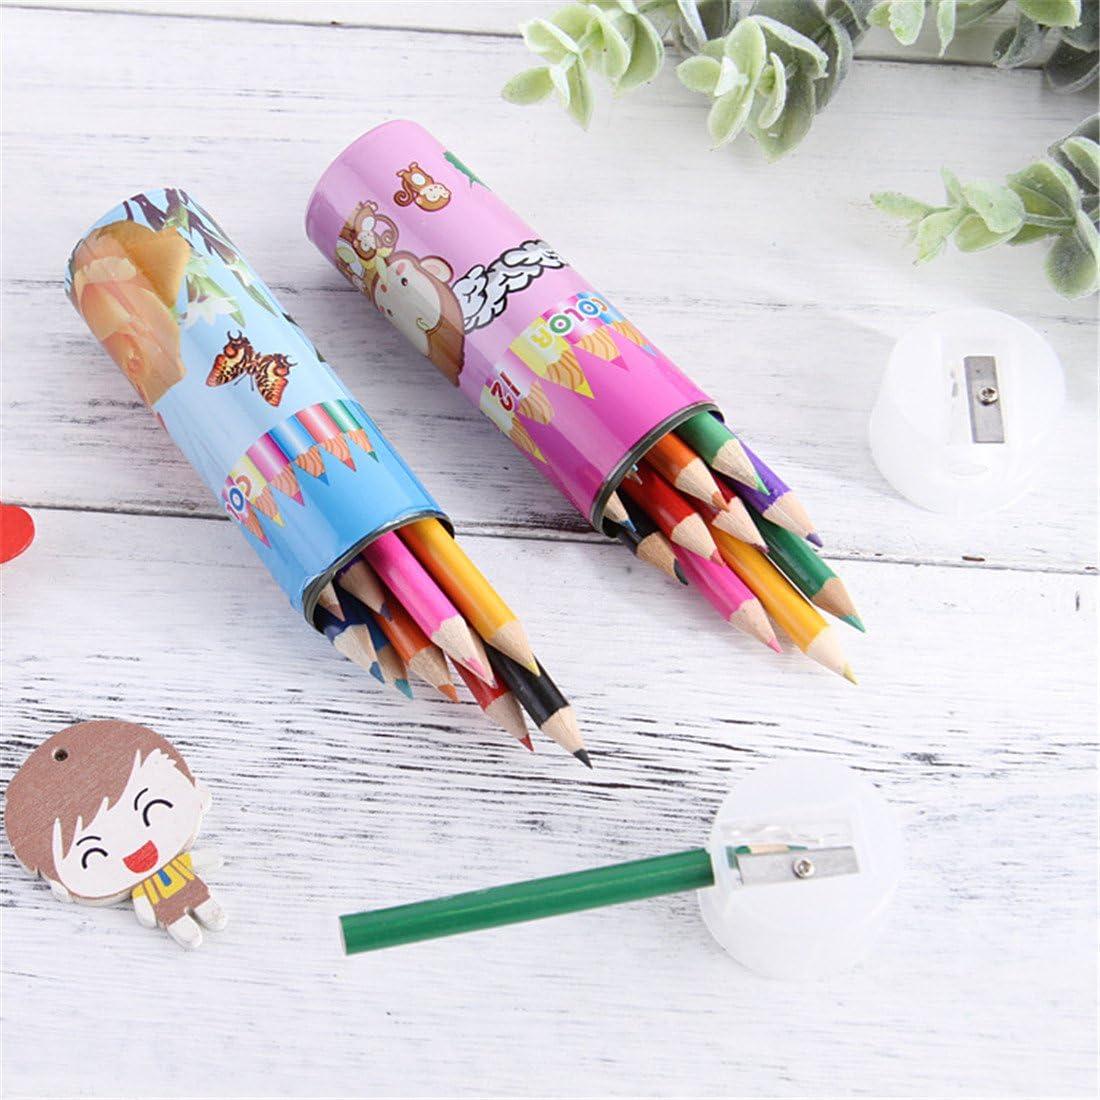 6/gioiosi colori come regalini per le feste dei bambini,/regali per gli ospiti Set di 10/matite colorate con temperamatite per feste dei bambini//compleanni//matrimoni//ristoranti